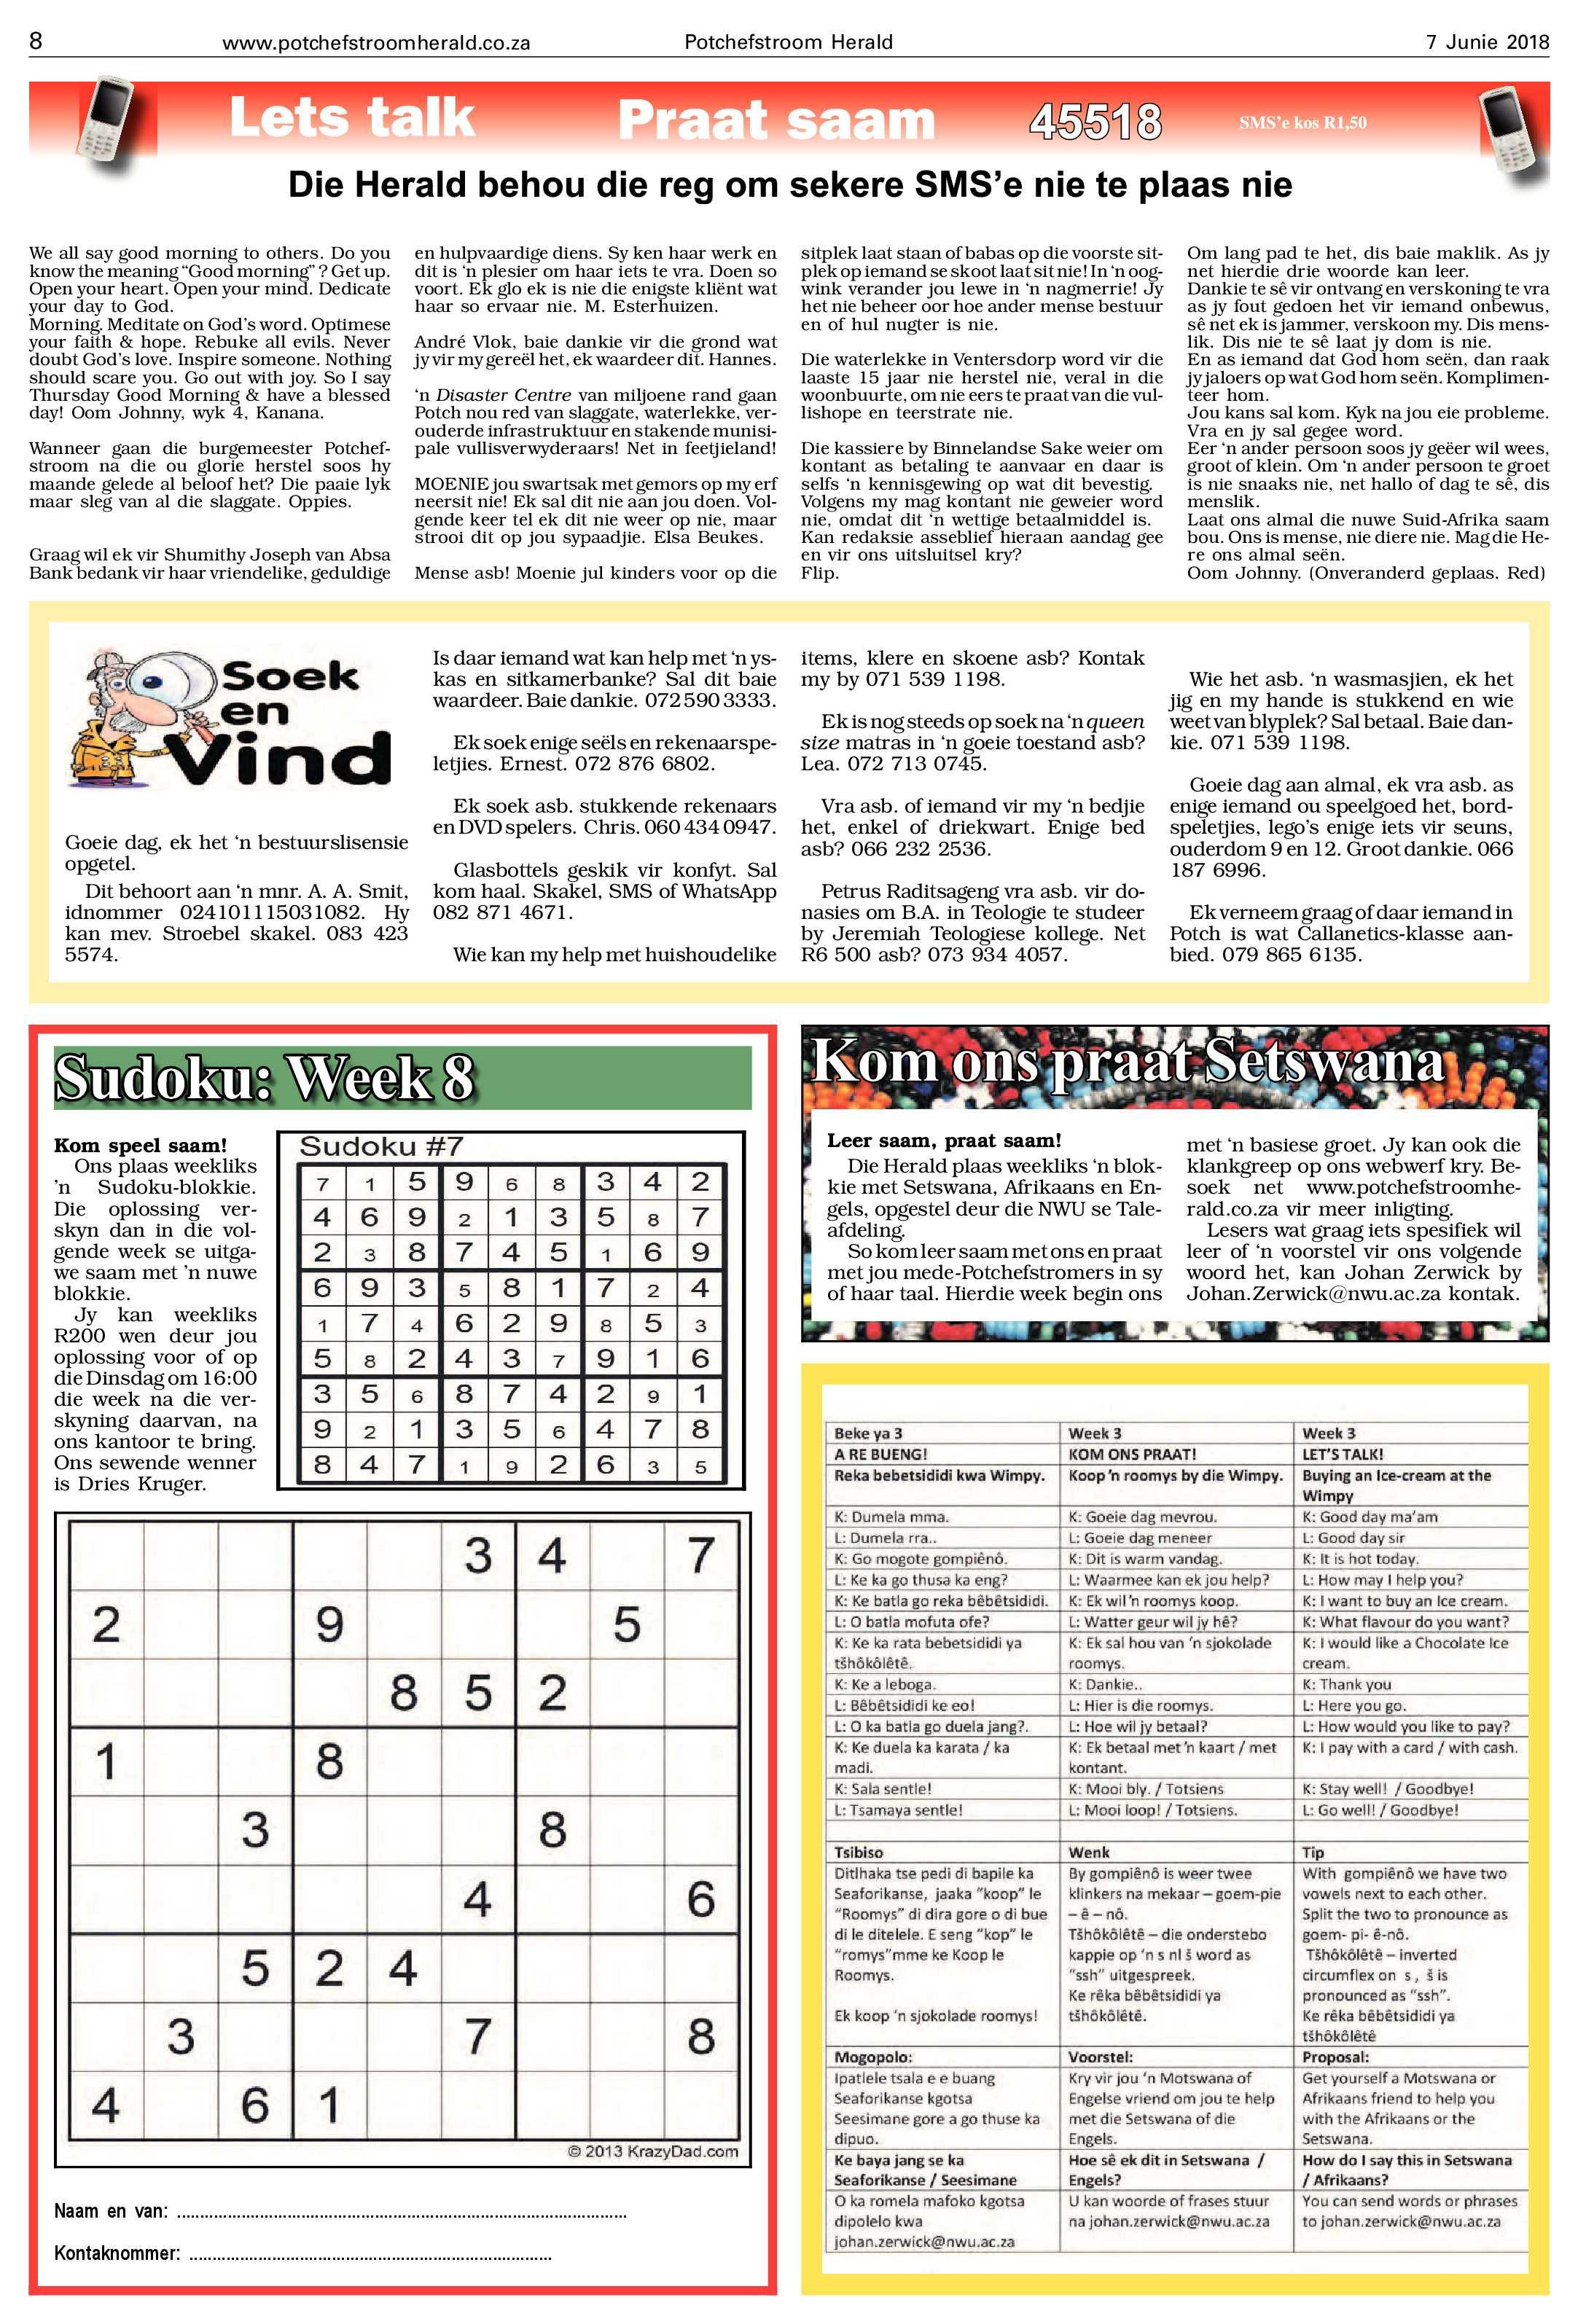 7-junie-2018-epapers-page-8